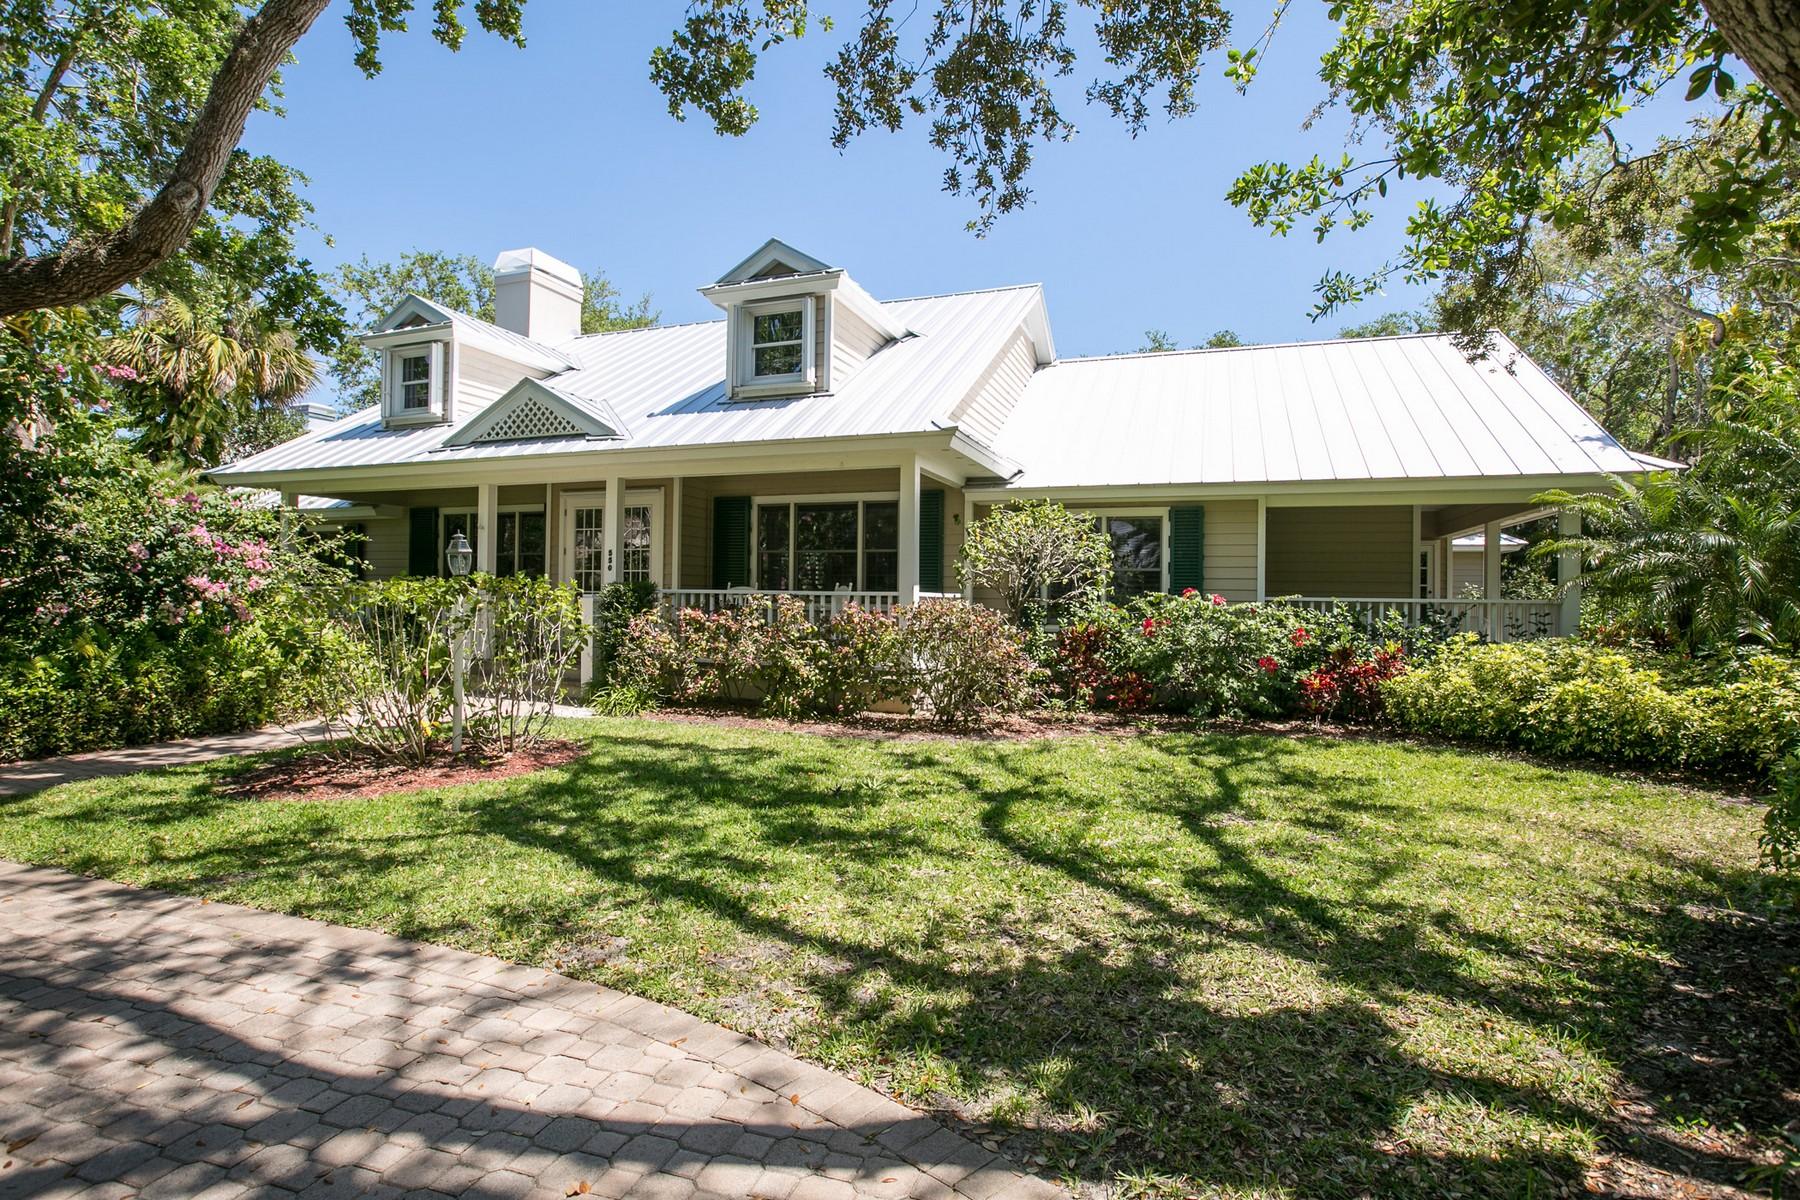 独户住宅 为 销售 在 Ocean To River Living 550 N Sundance Trail 维罗海滩, 佛罗里达州, 32963 美国